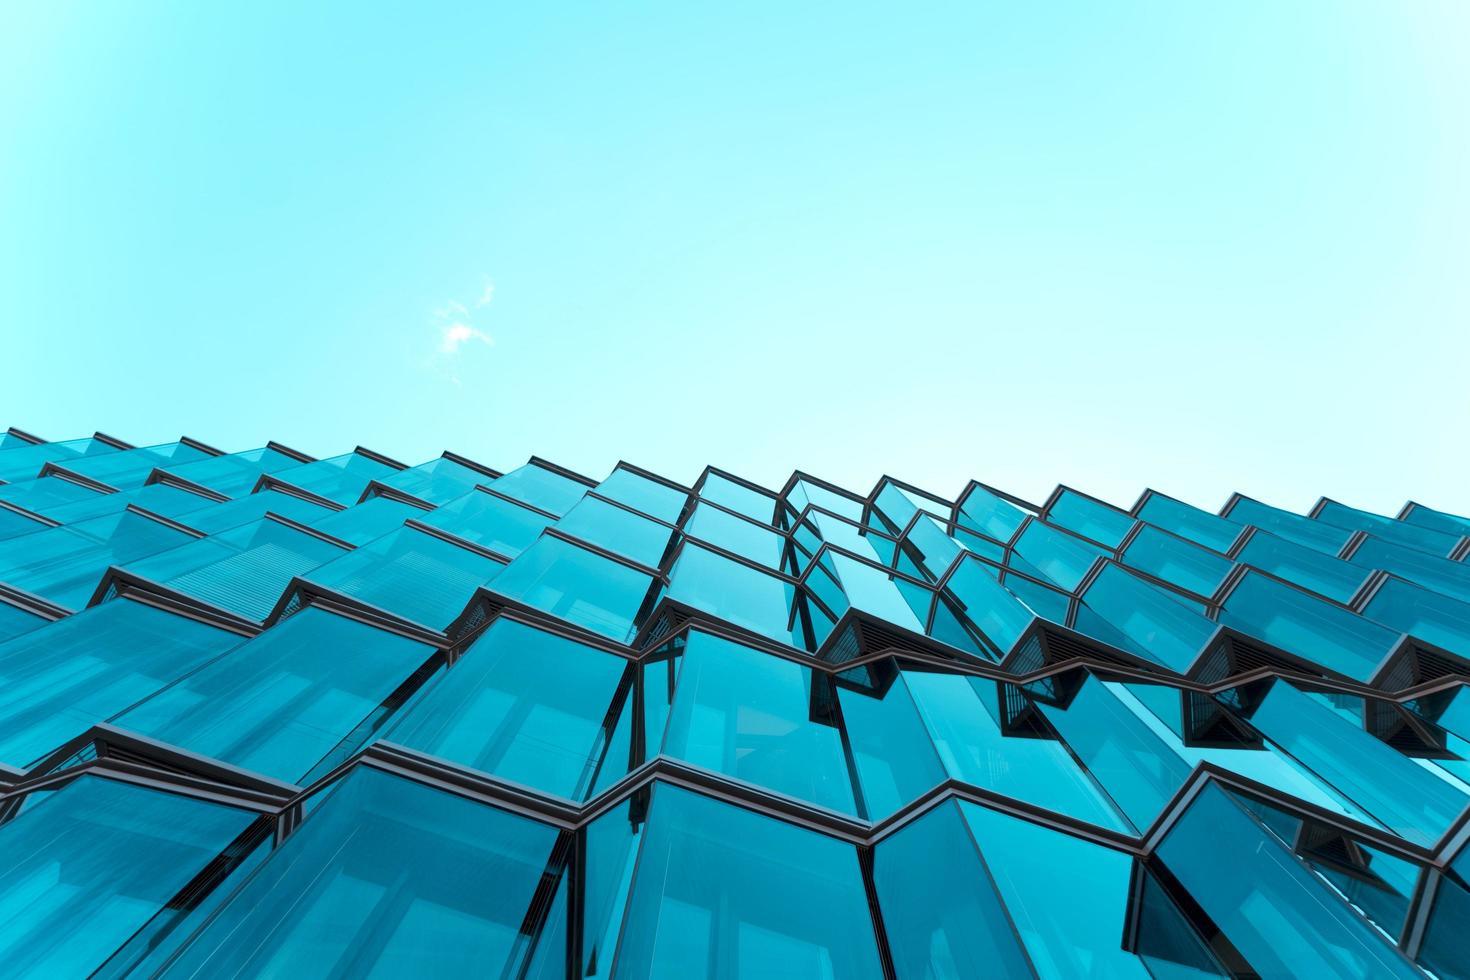 photographie architecturale du bâtiment en verre photo